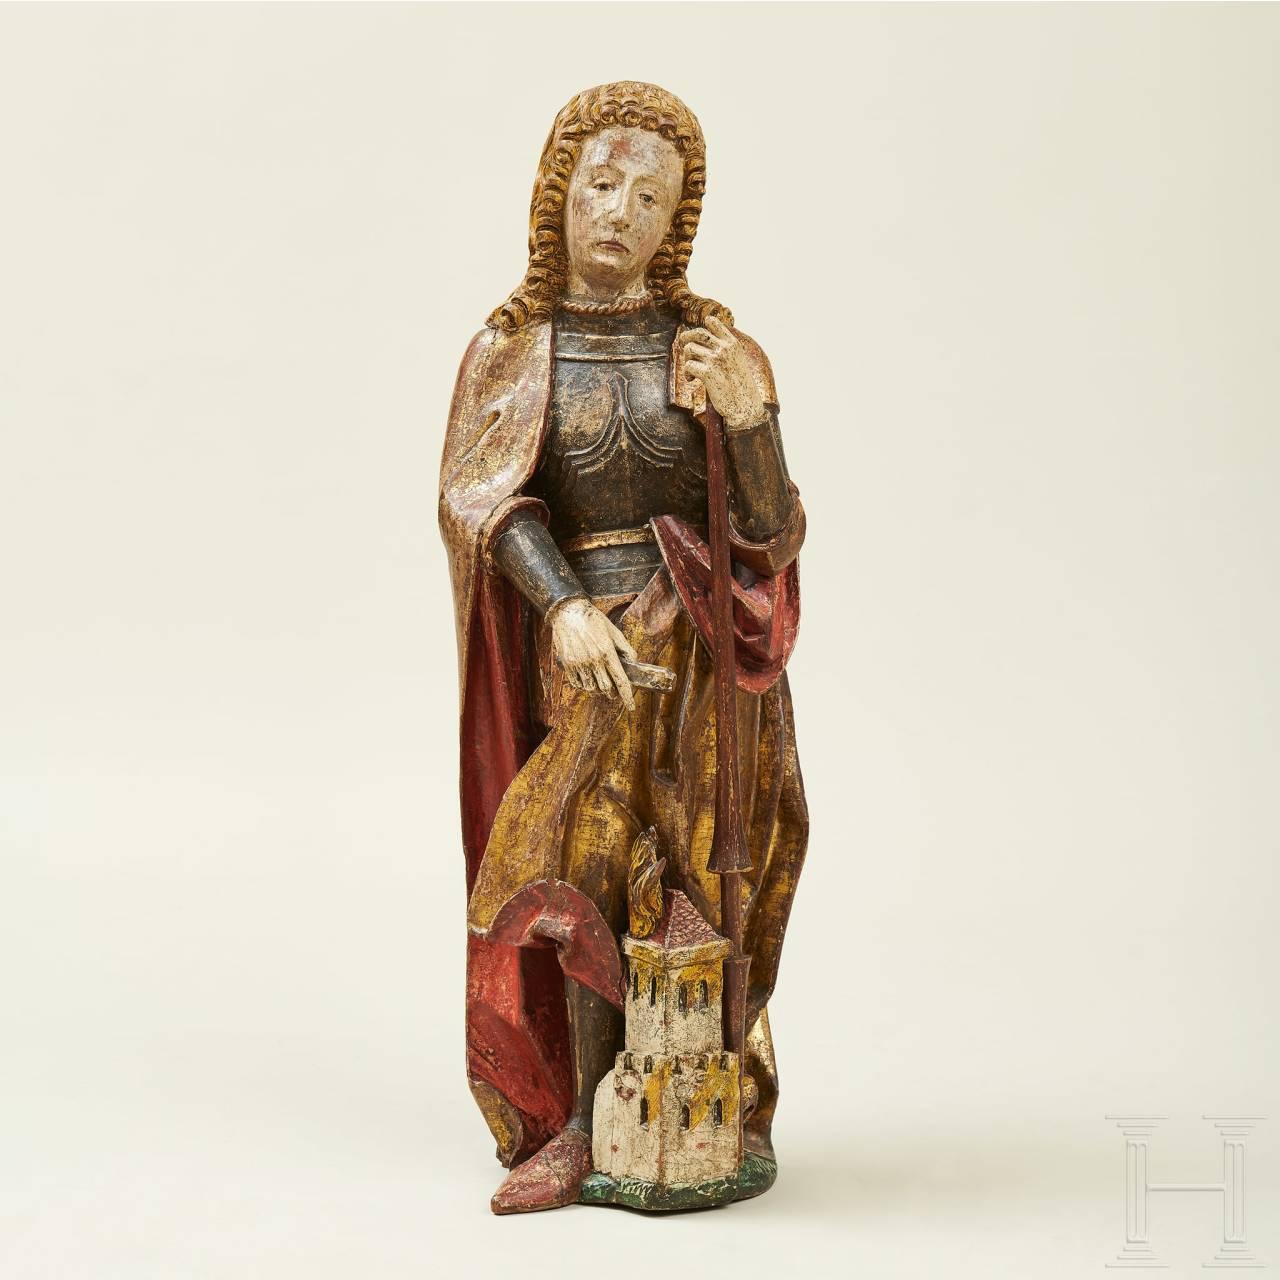 Skulptur des Heiligen Florians, süddeutsch, 2. Hälfte 15. Jhdt.